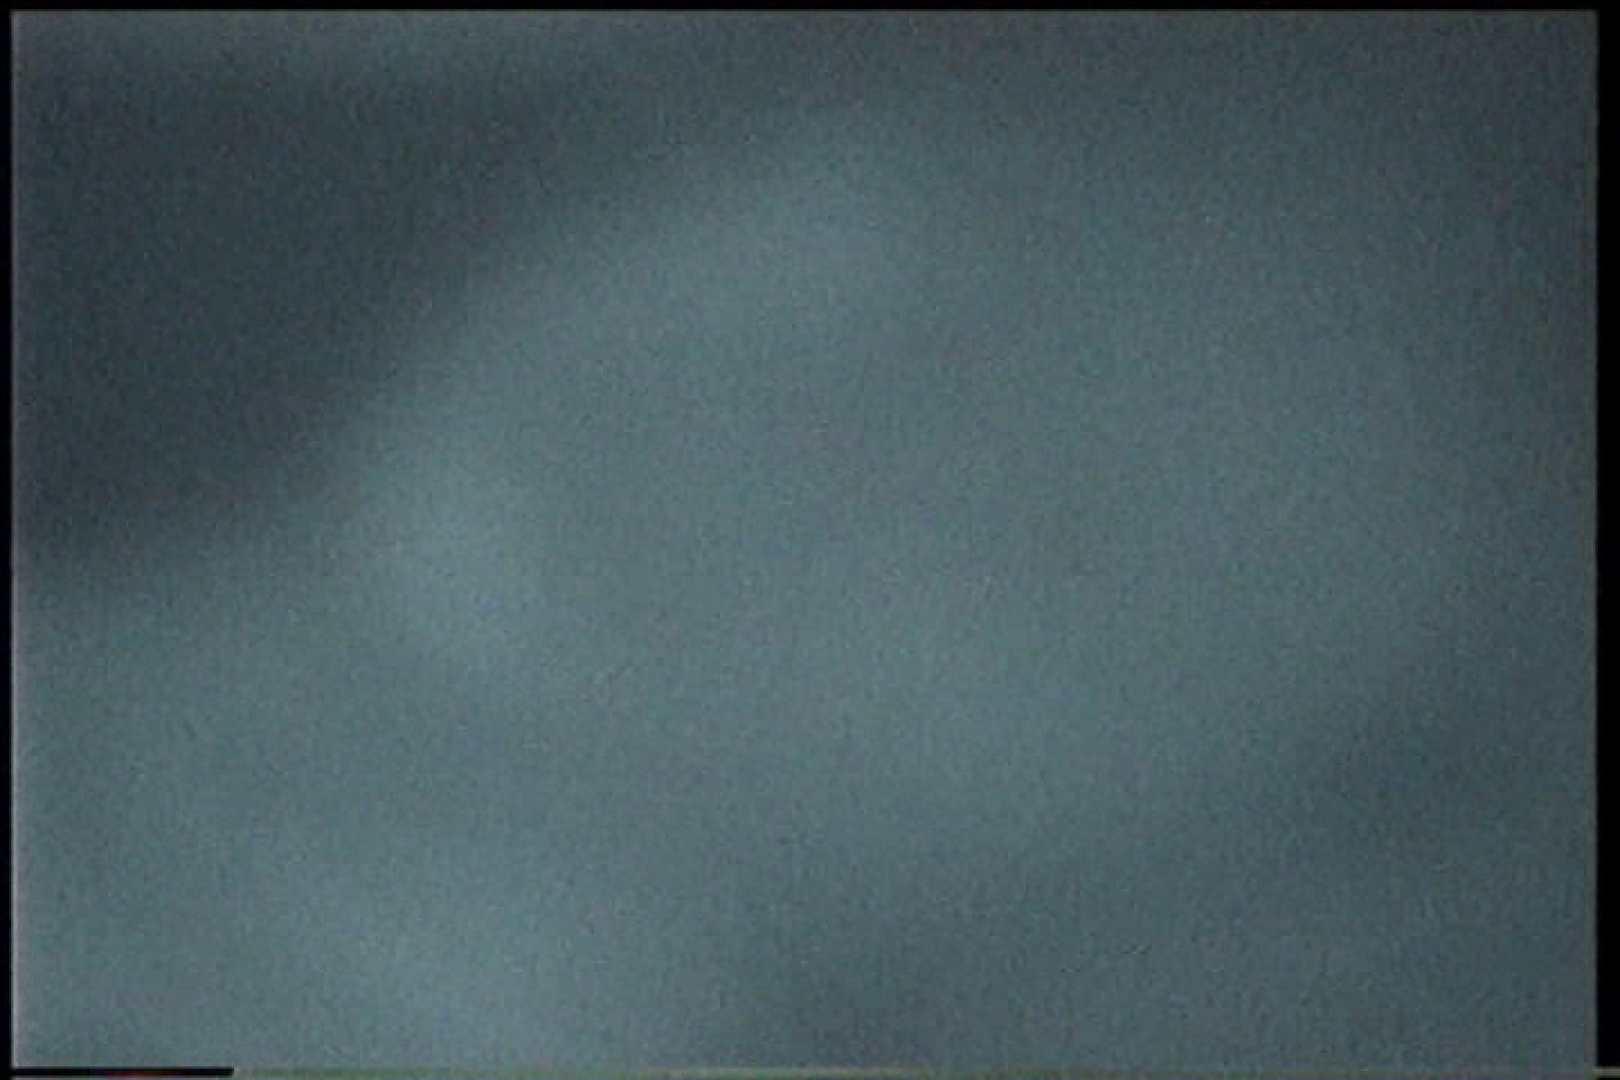 充血監督の深夜の運動会Vol.179 パンツ 盗み撮りオマンコ動画キャプチャ 87連発 41